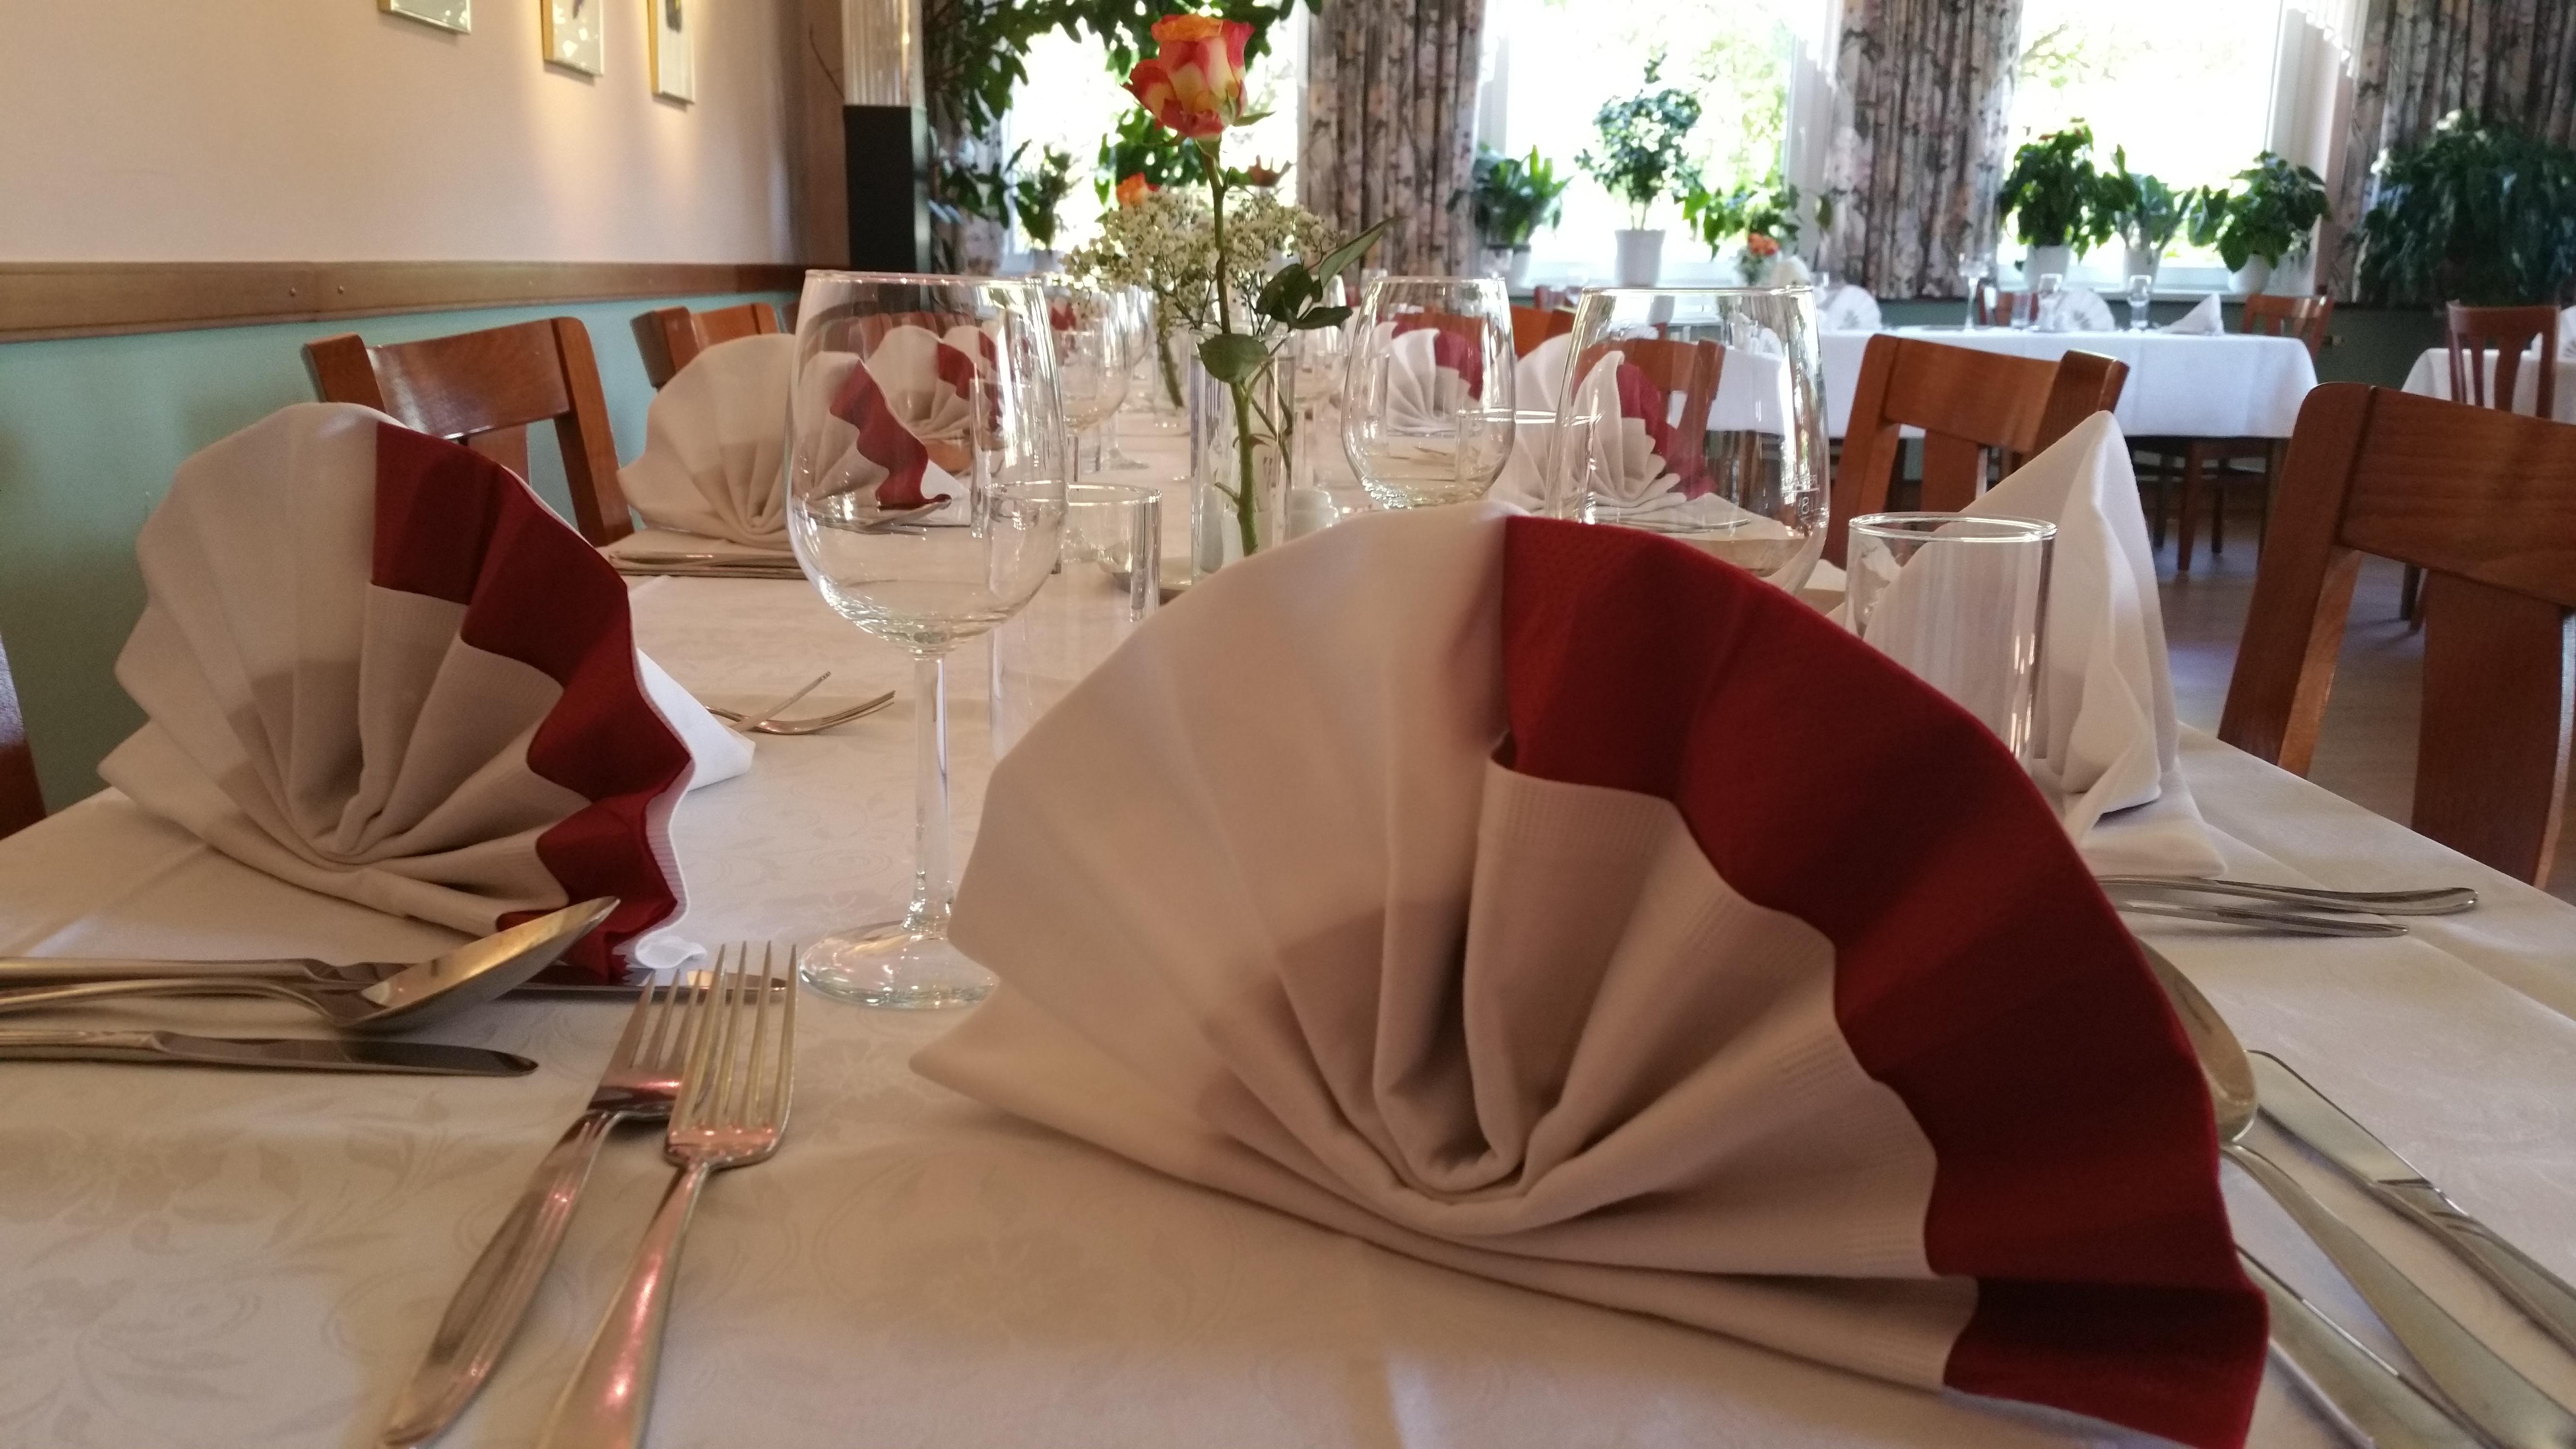 Rot-weiß-eingedeckte-Festtafel